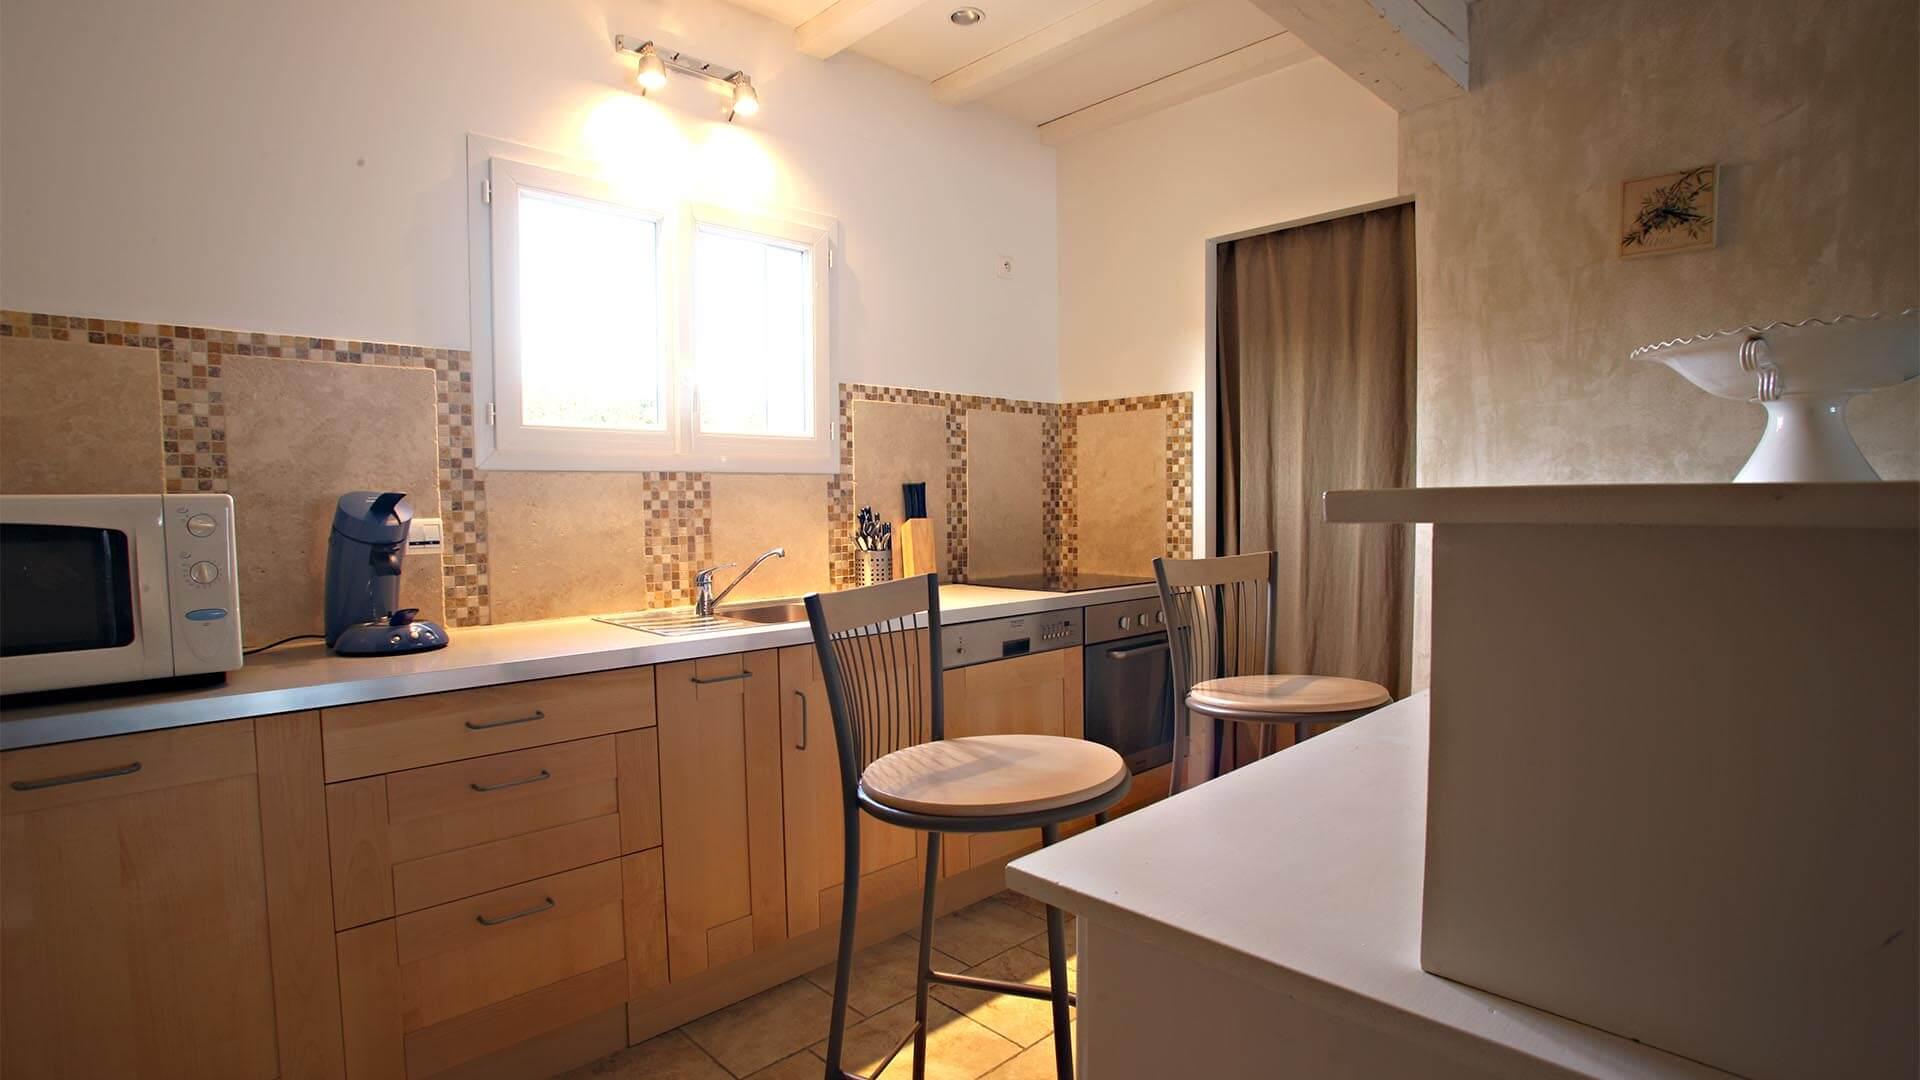 Location saisonnière T3 Provence Alpes Côte d'Azur | Villa mon rêve | Cuisine américaine